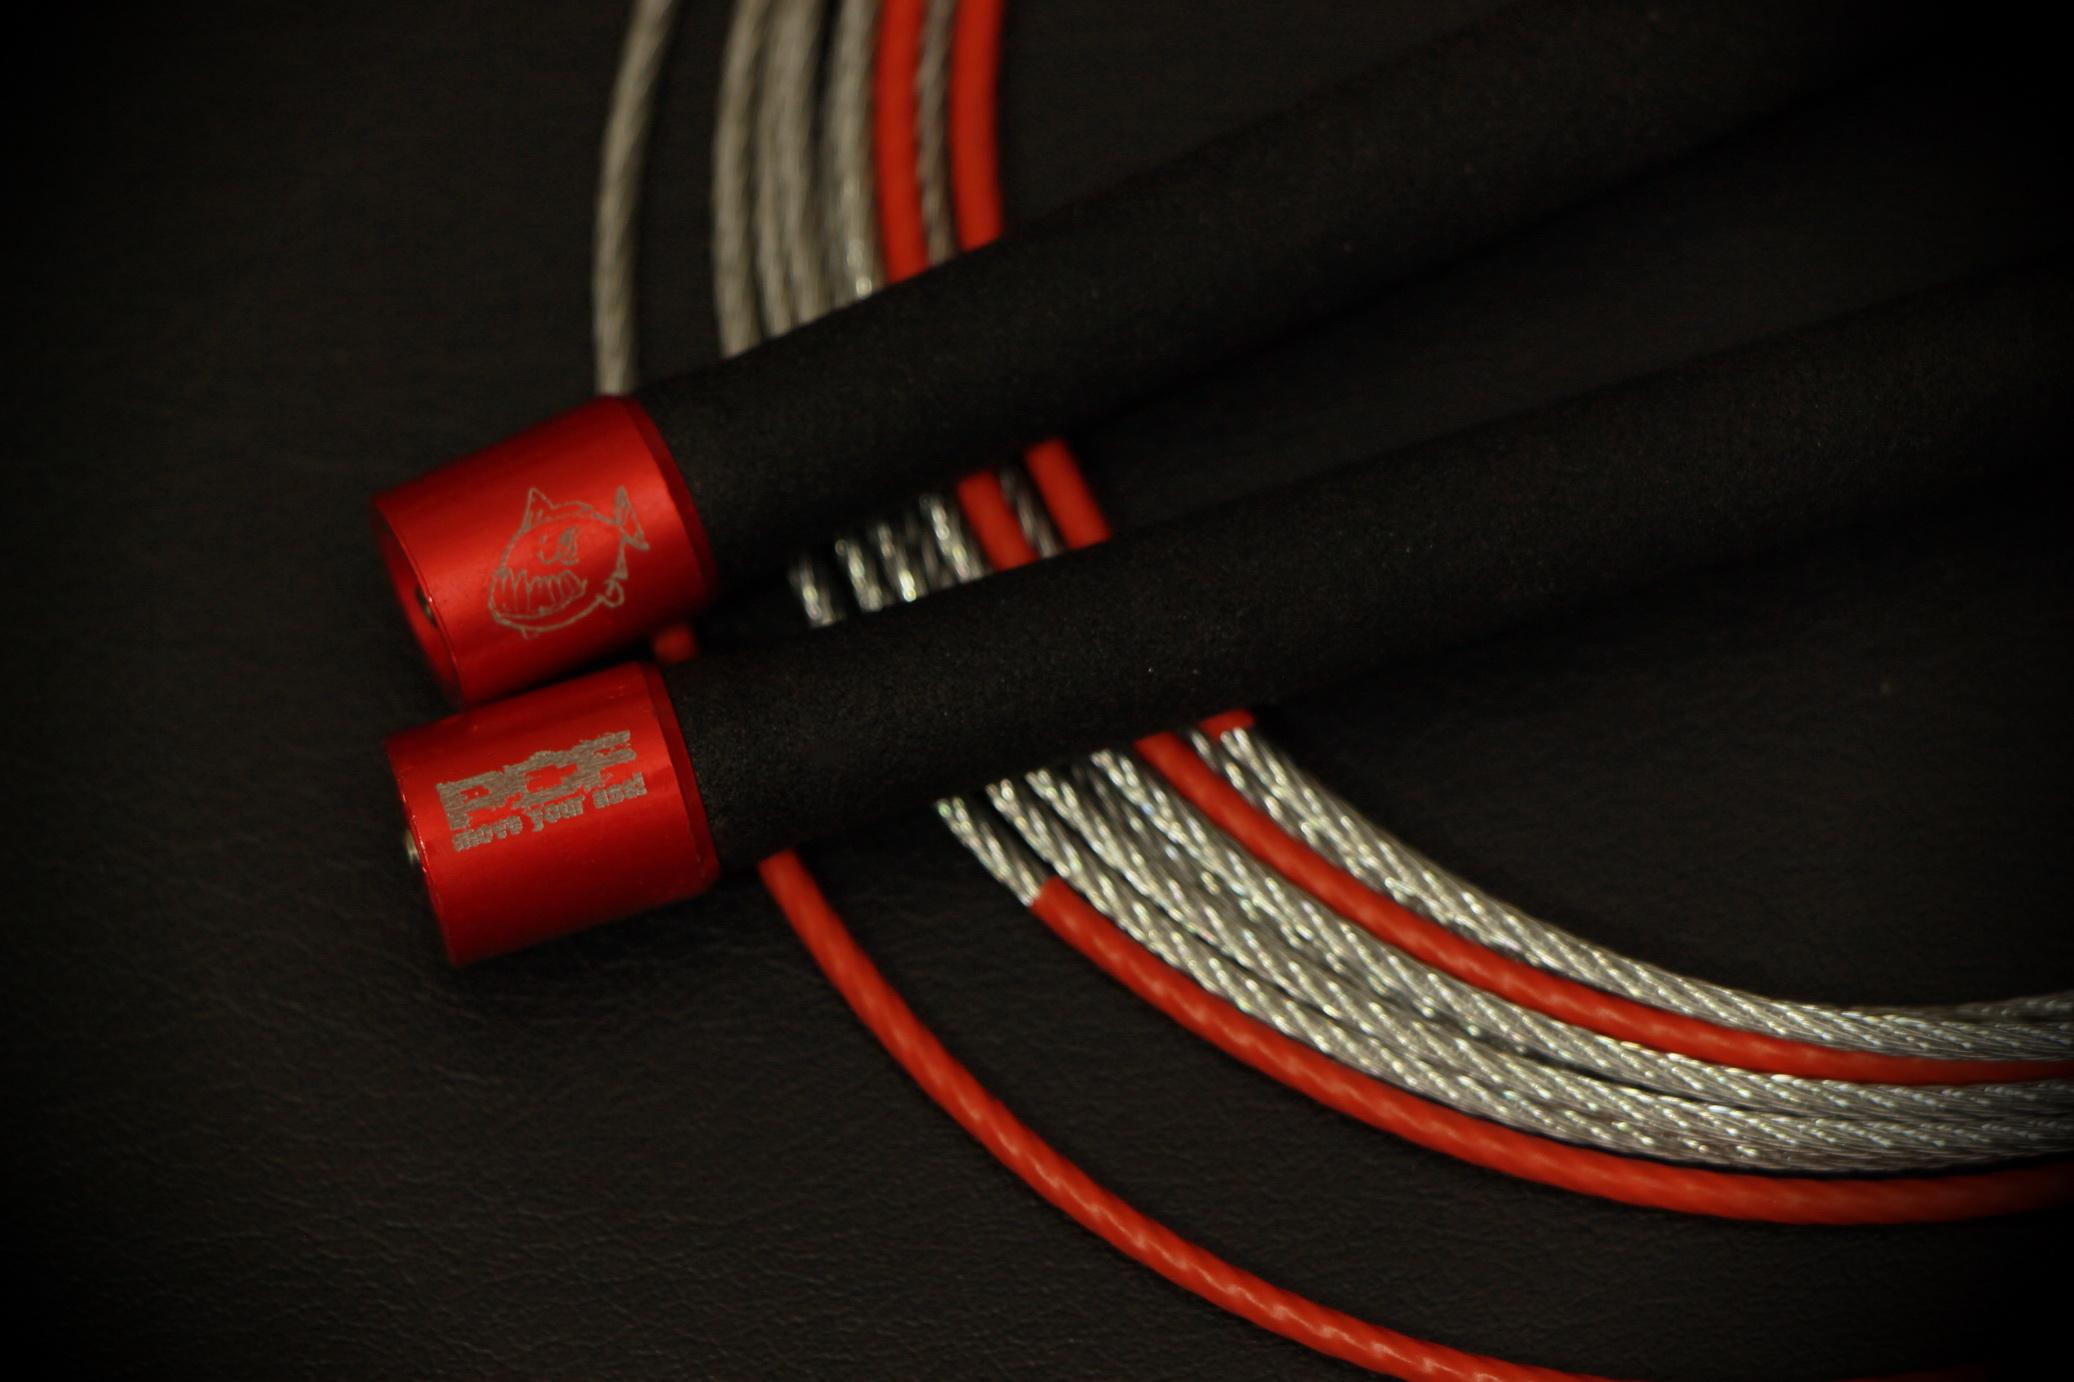 Скакалка со счетчиком Torneo A-916 - купить по цене 899